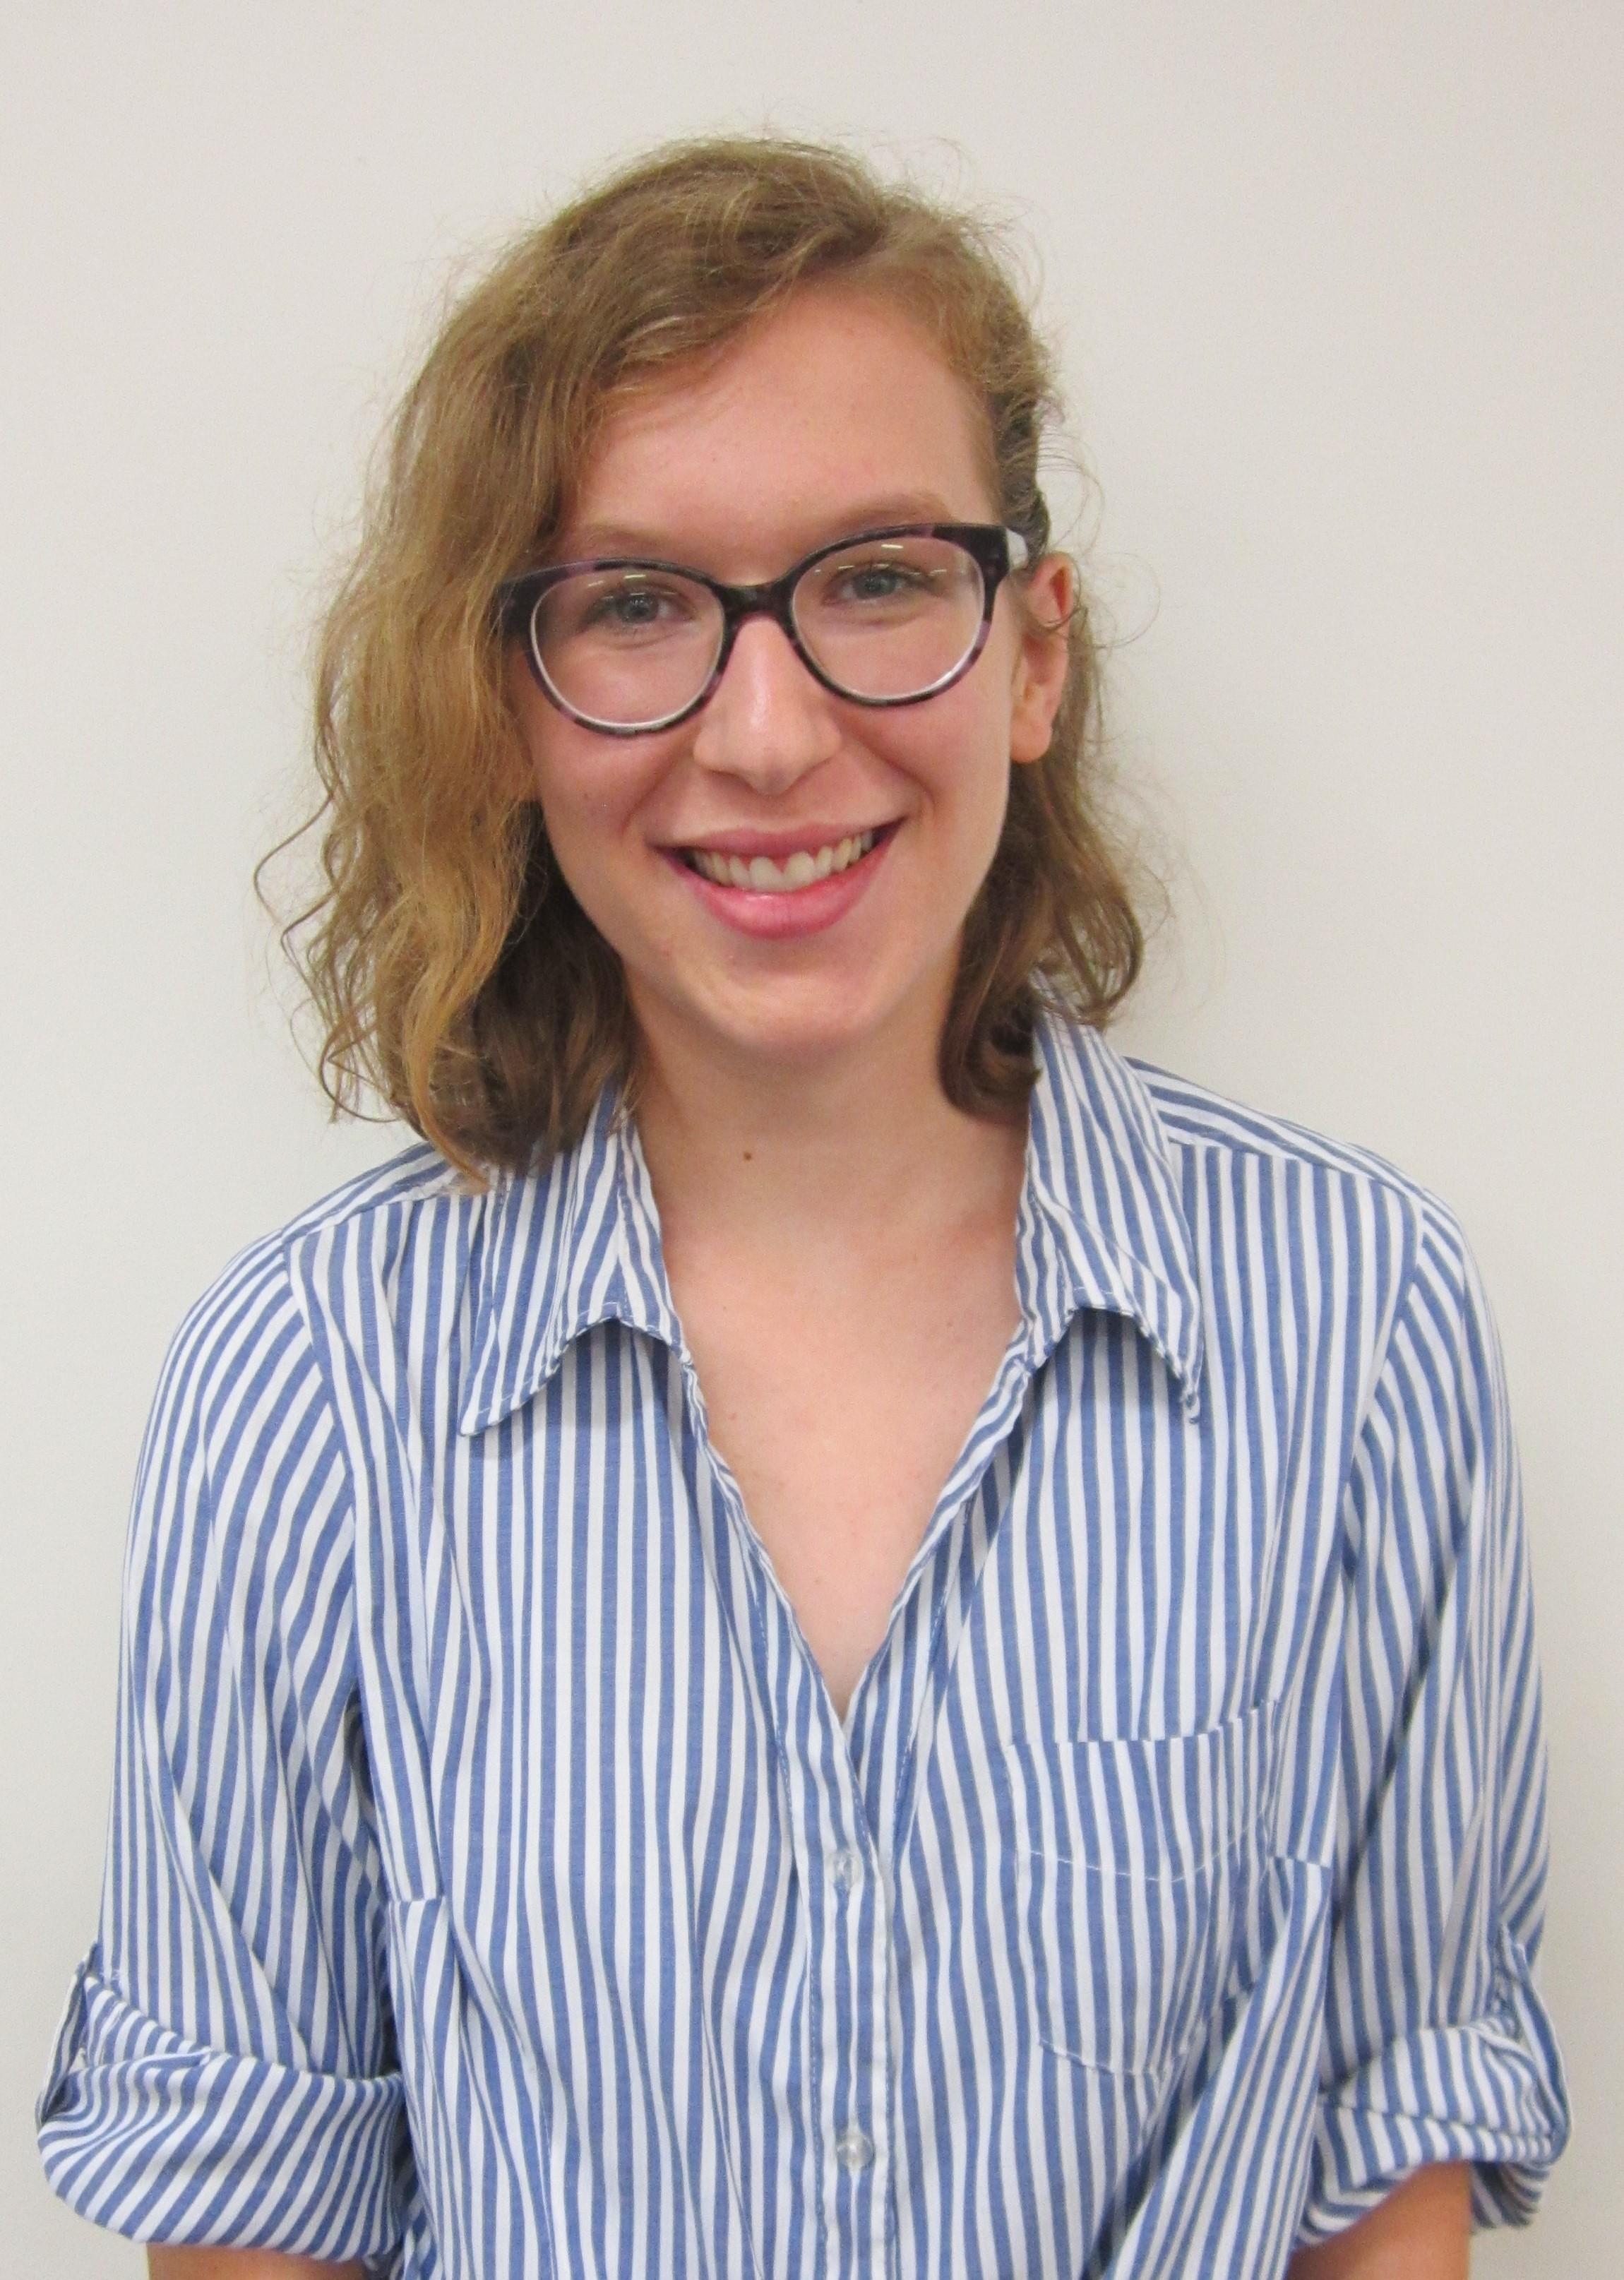 Sarah Balzer